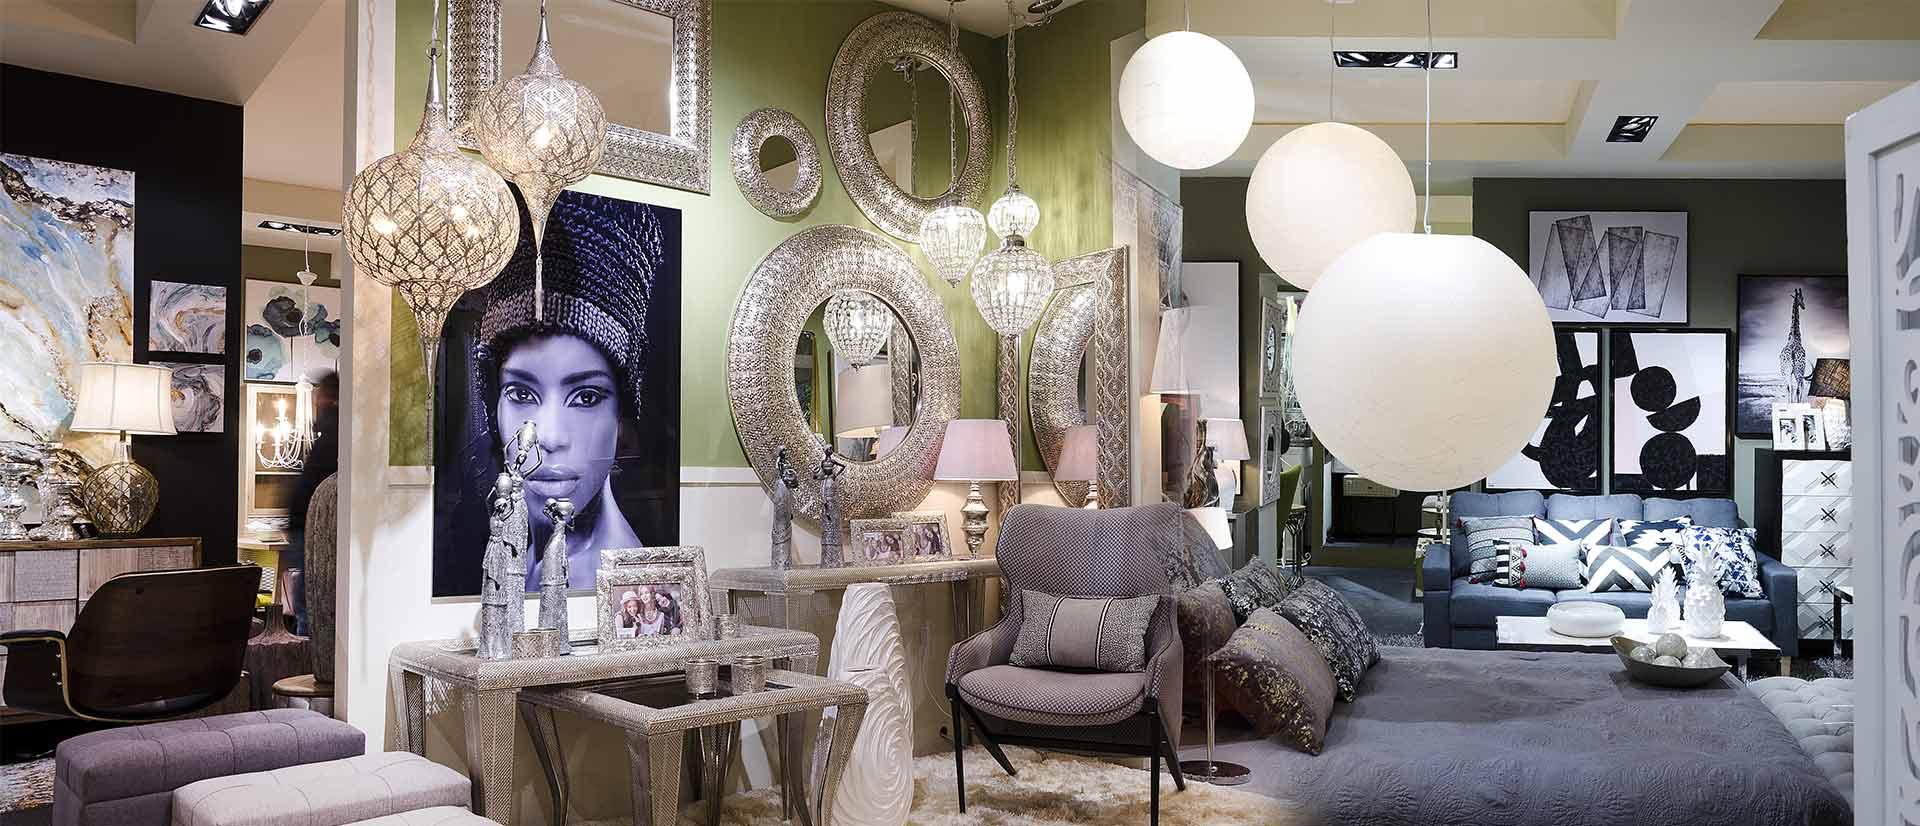 como decorar tu hogar de manera original